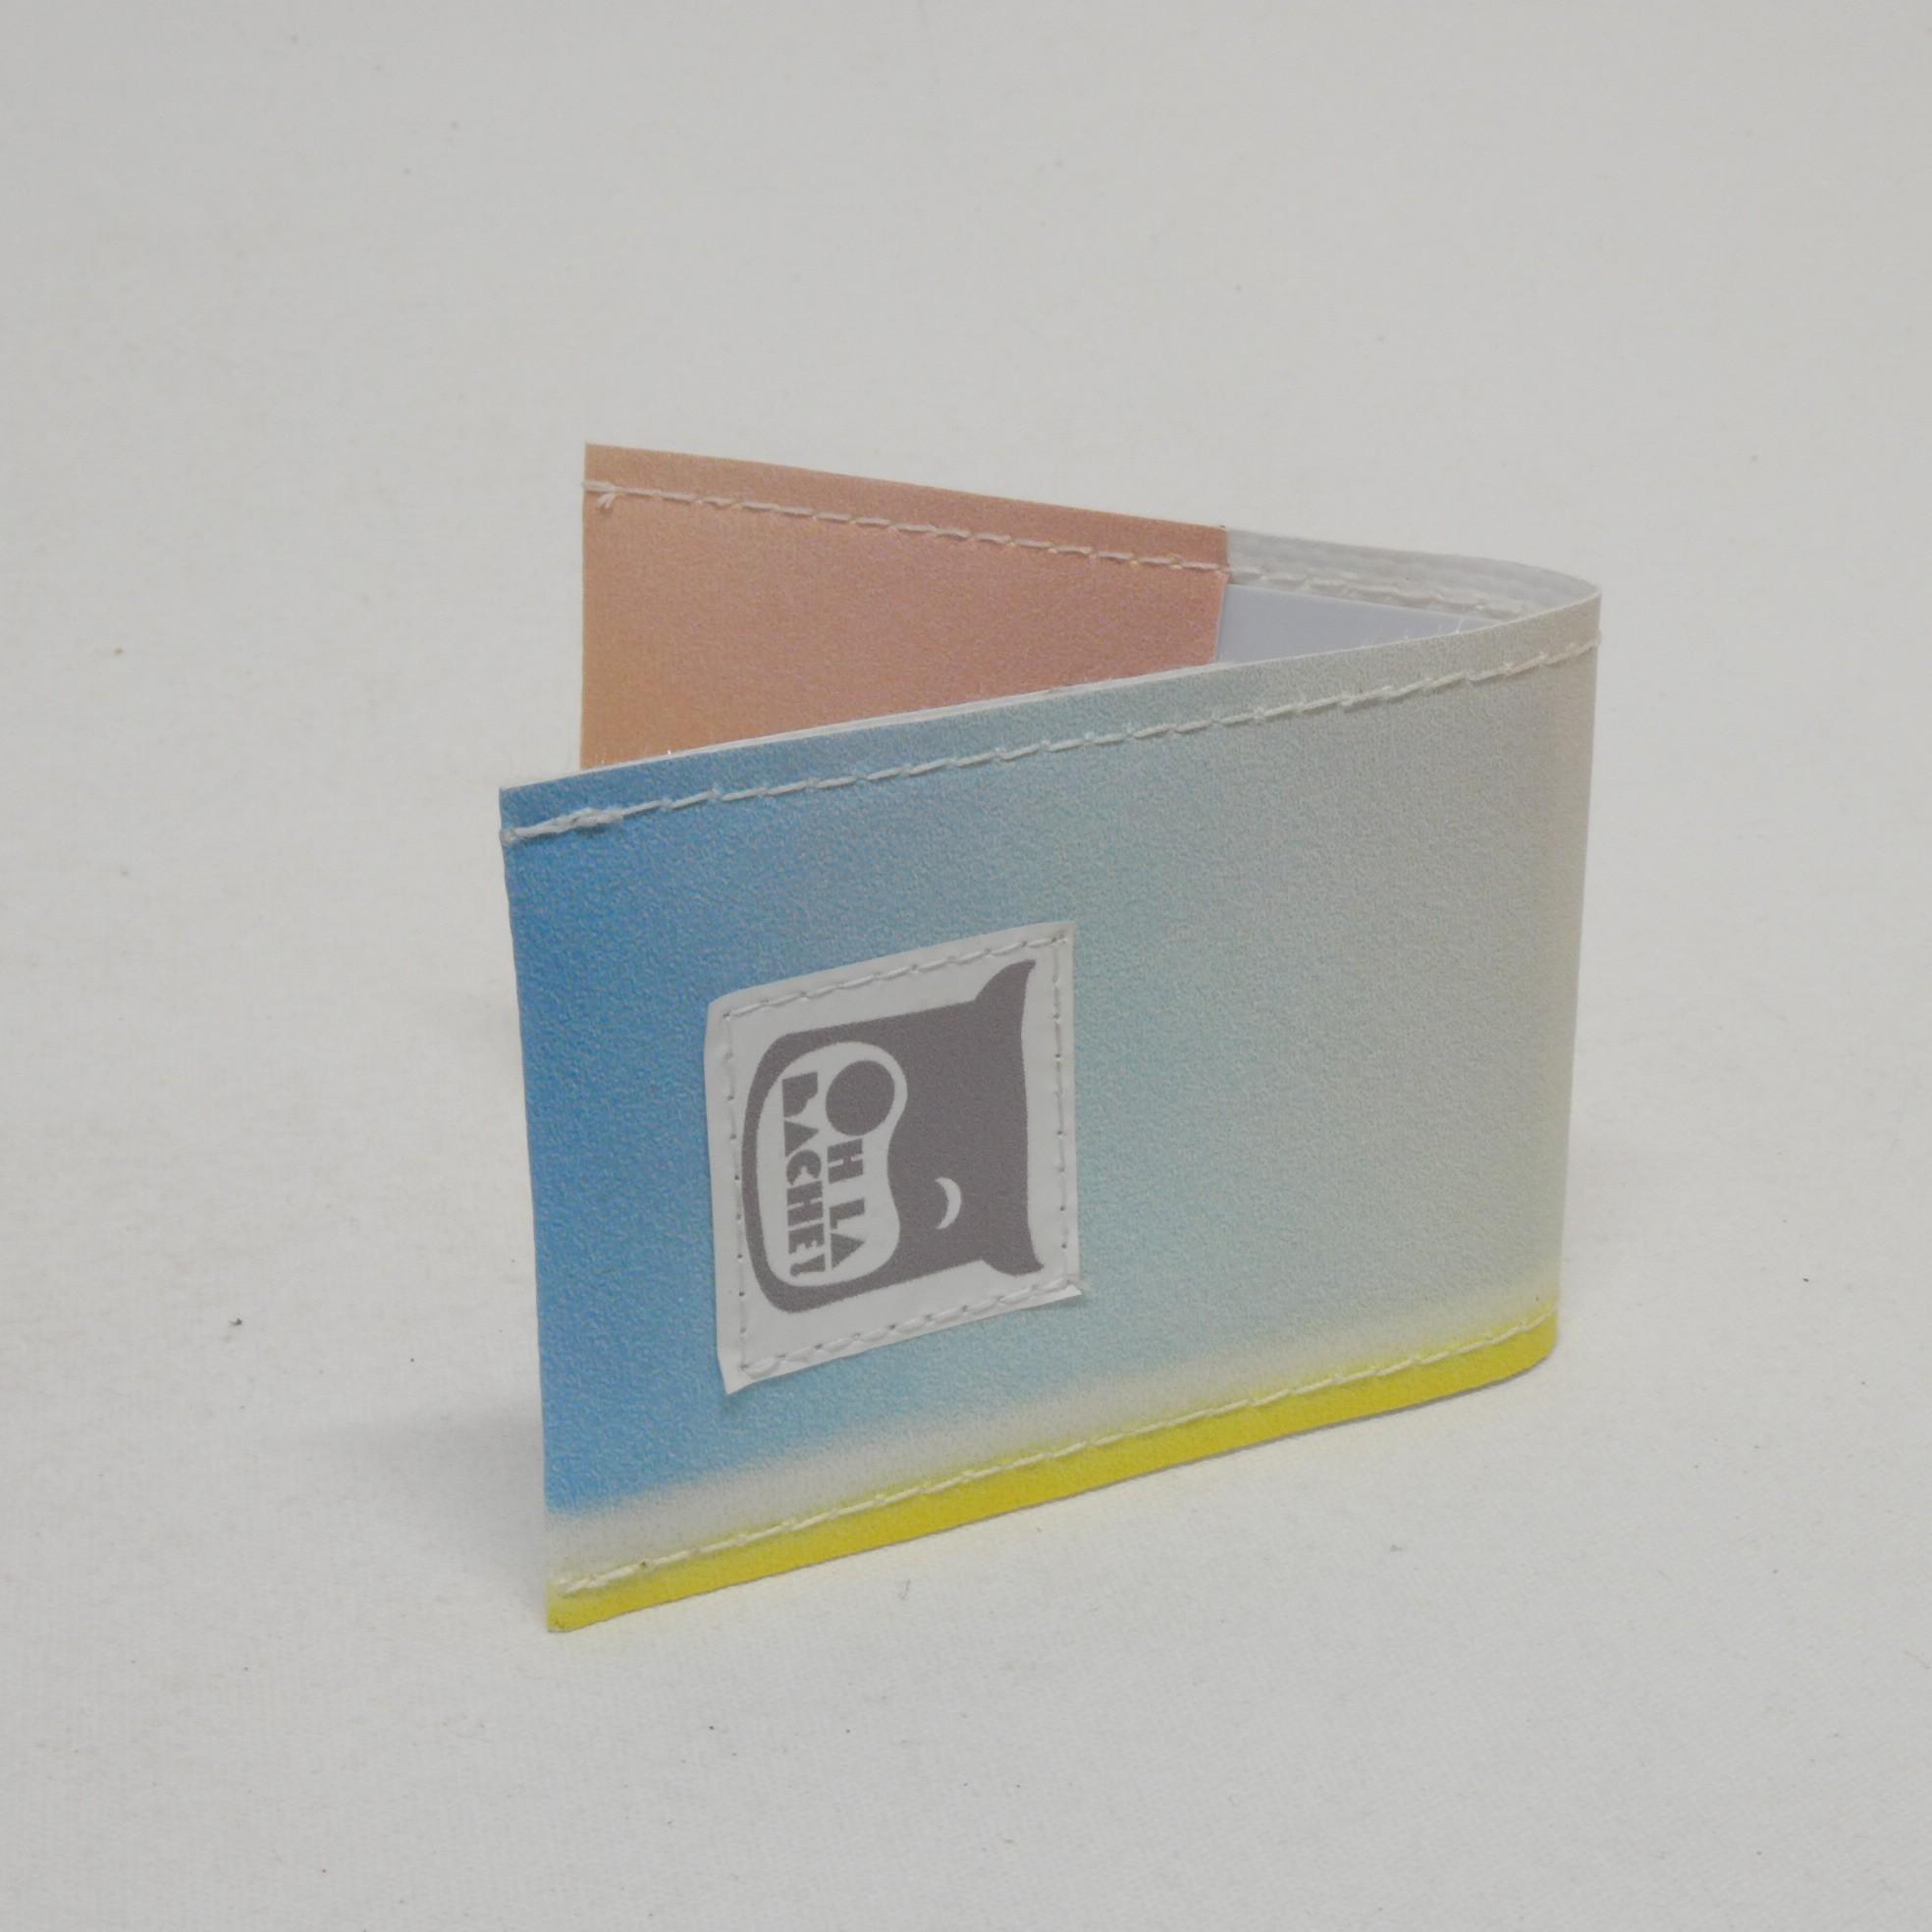 NOé Porte carte by Oh la bâche! a